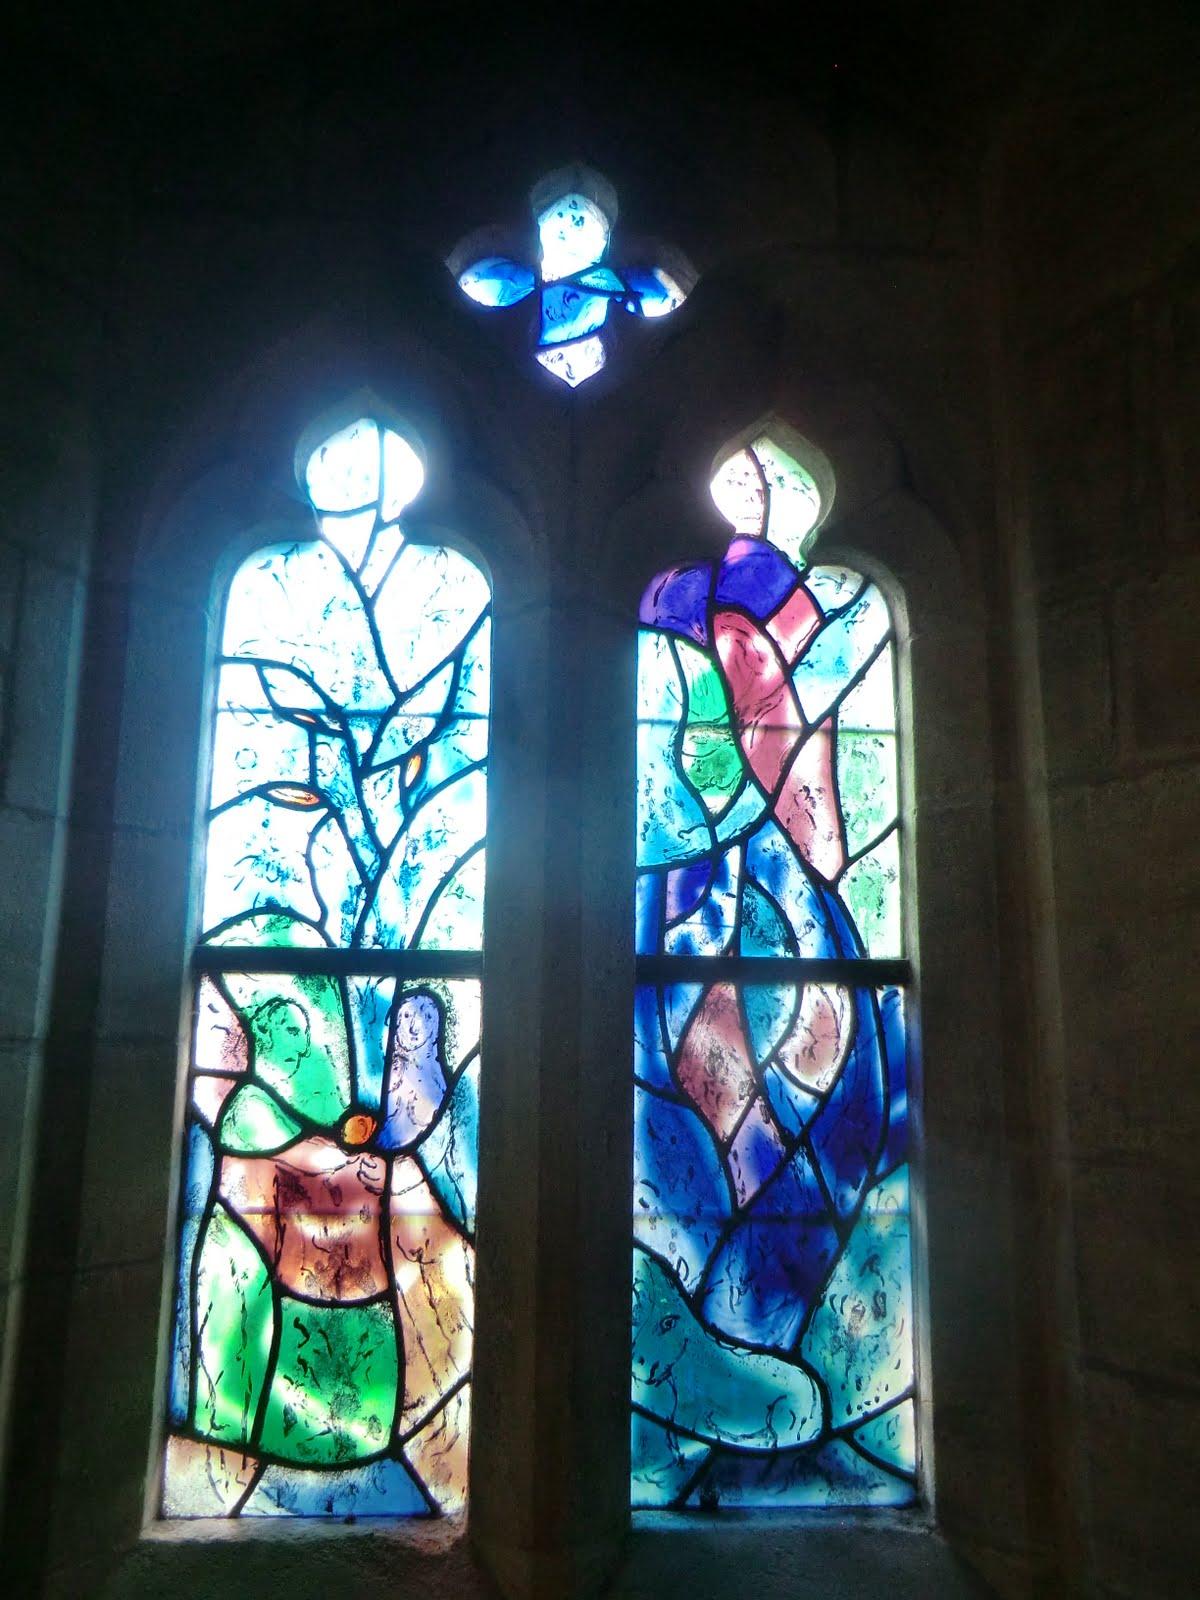 CIMG1559 Chagall window #1, All Saints church